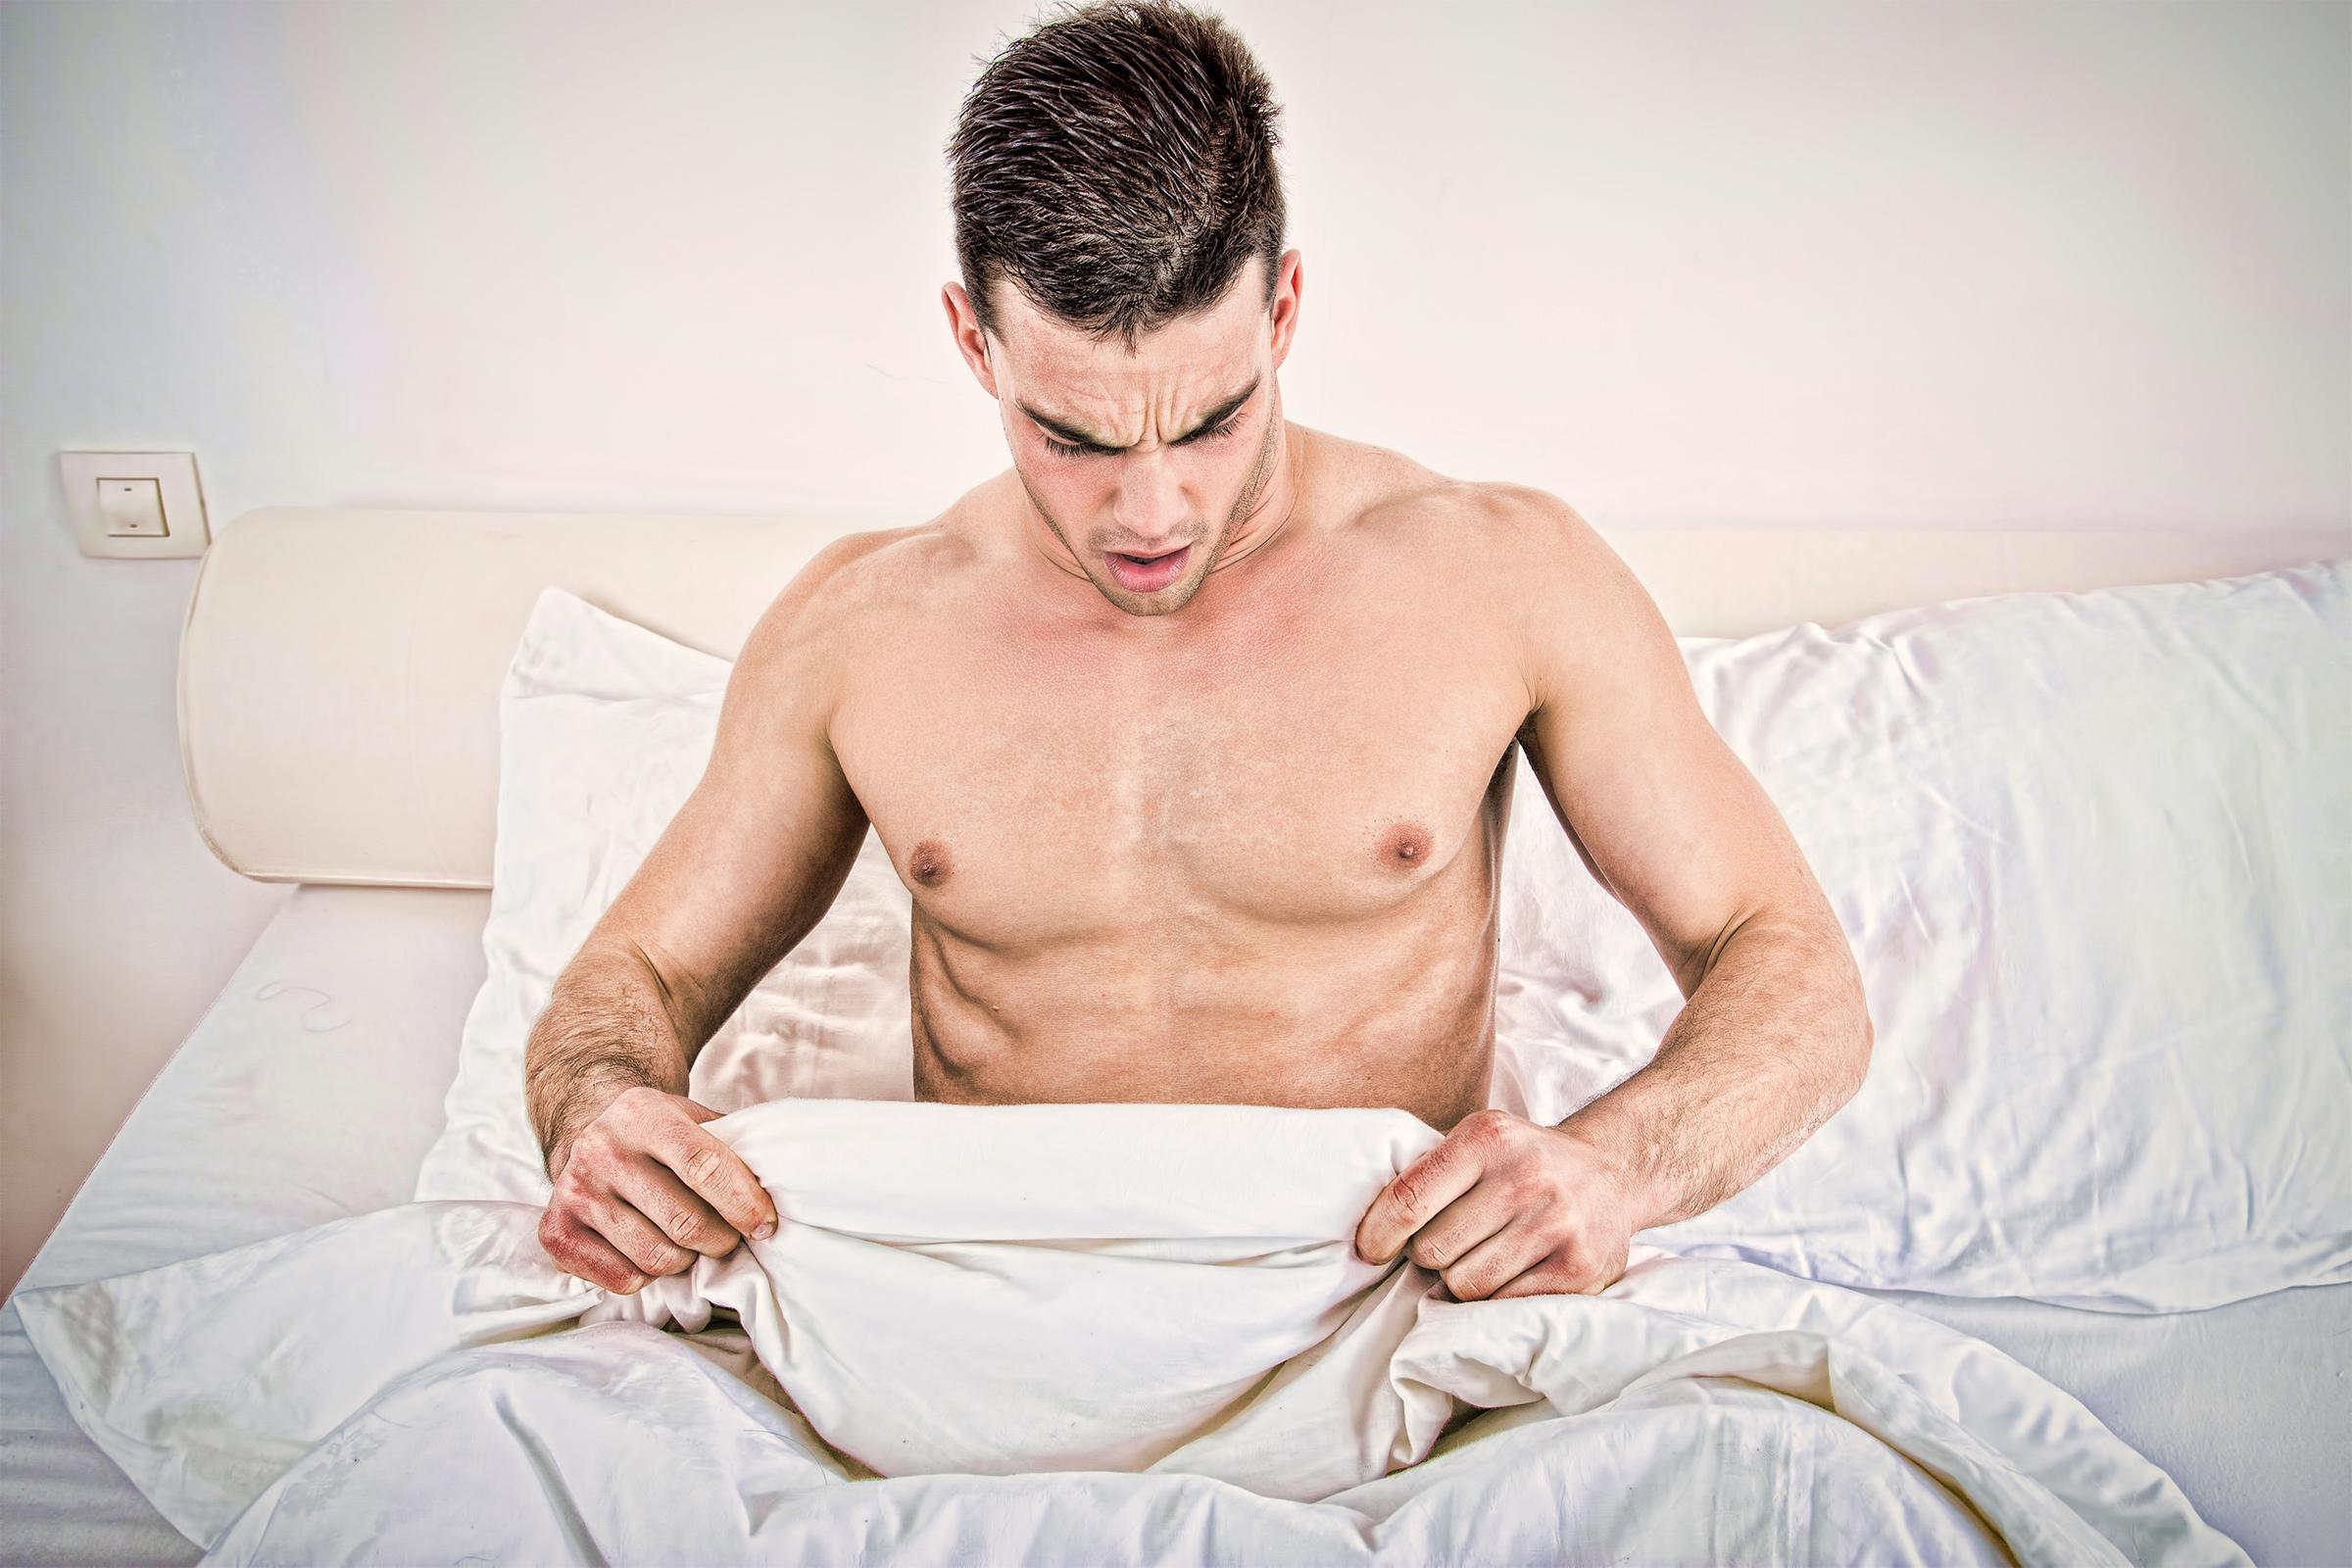 pénisz visszatartása hogy az ösztrogének hogyan befolyásolják az erekciót